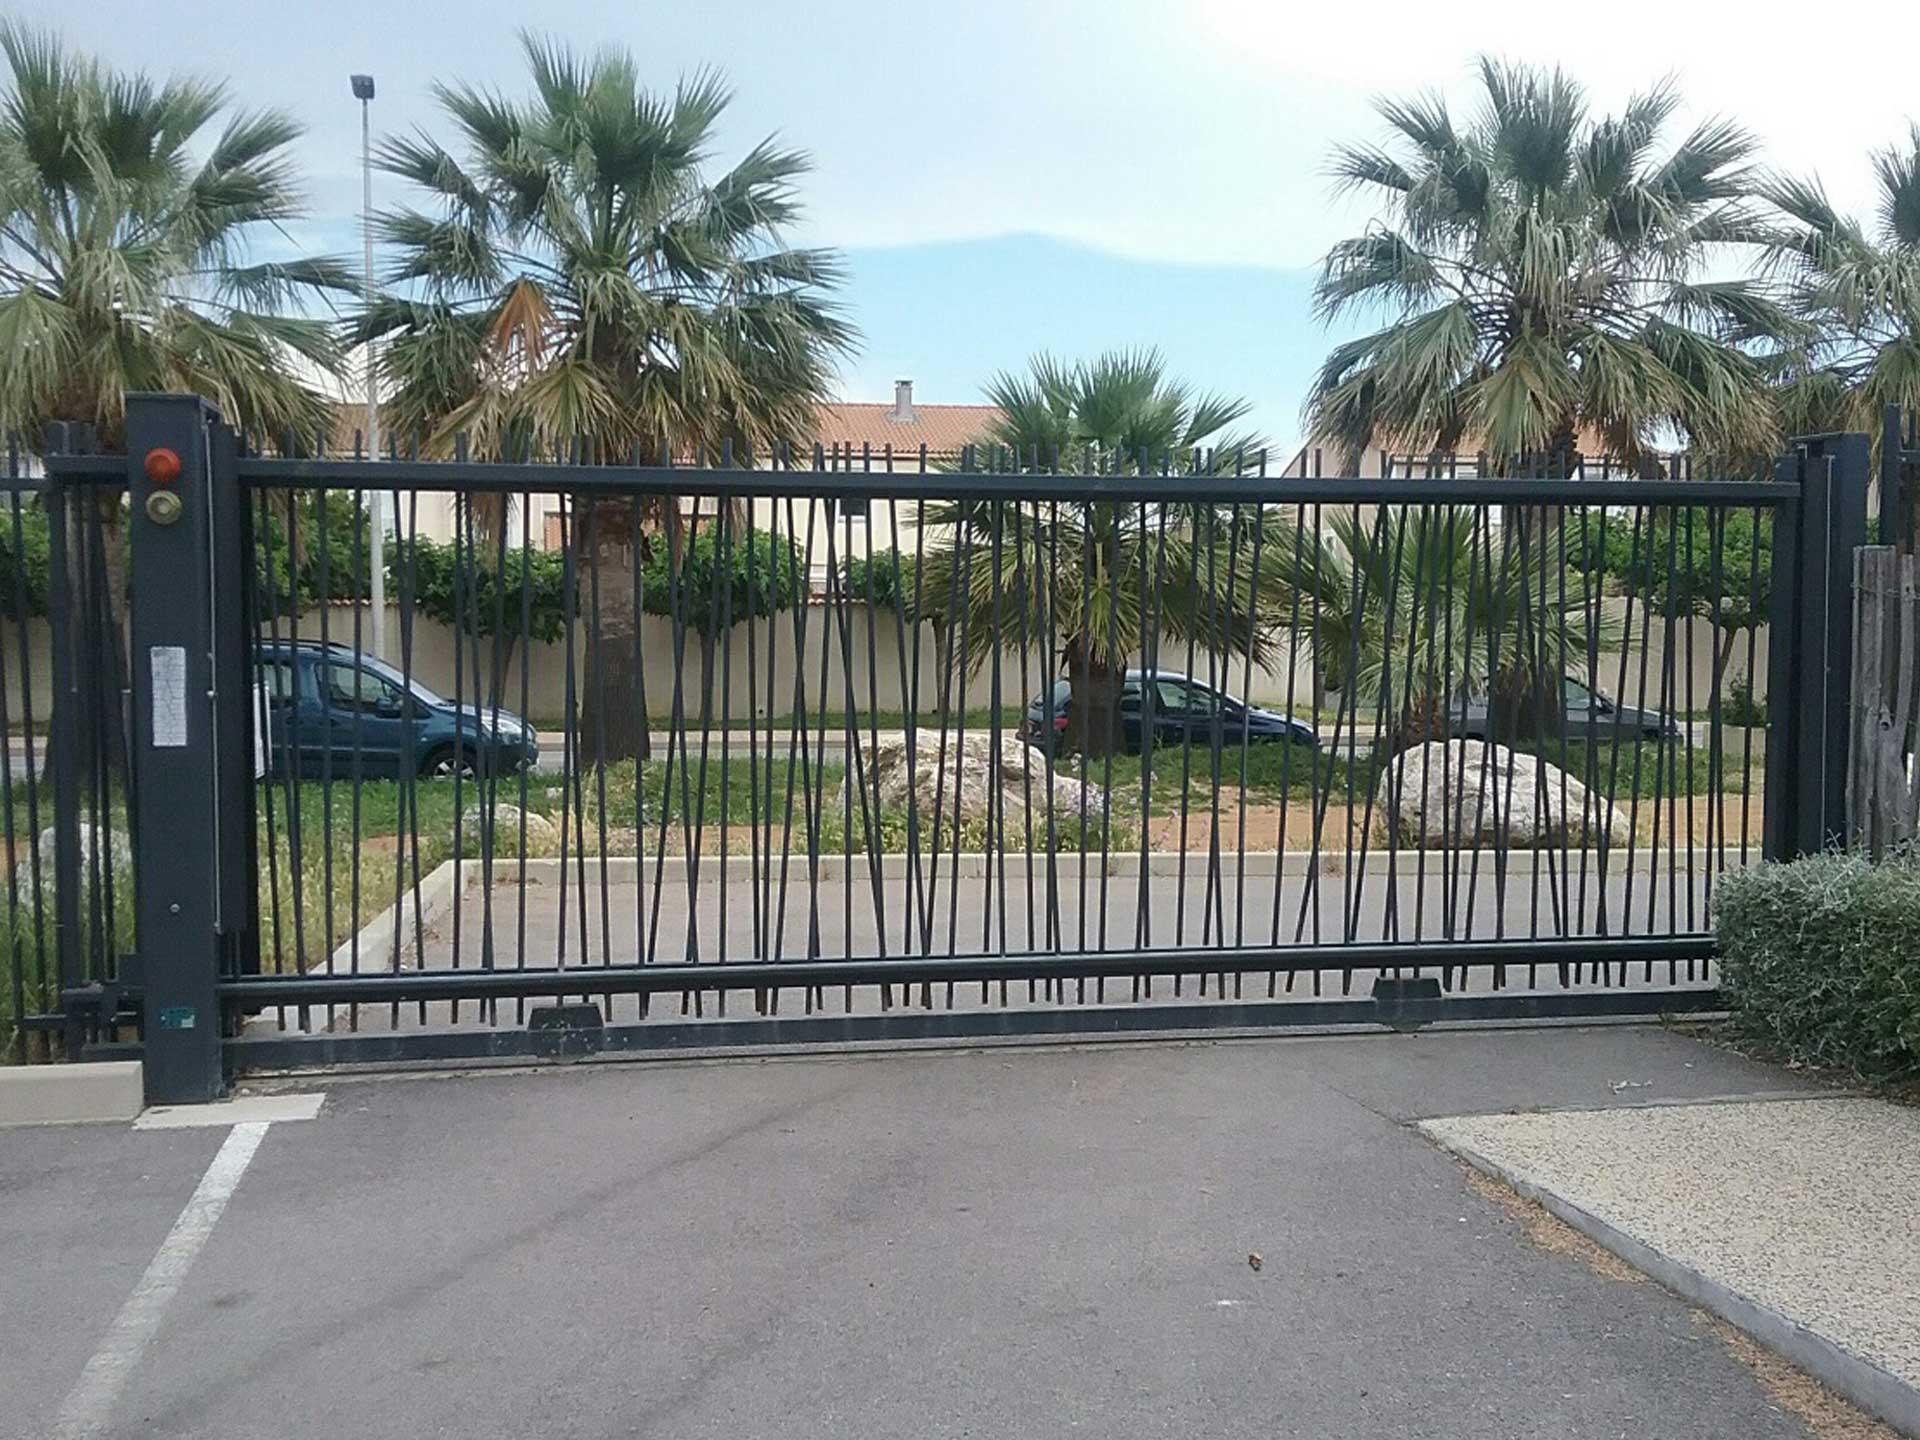 Vente de portail coulissant avec Sim Fermetures pour l'habitat collectif à Perpignan